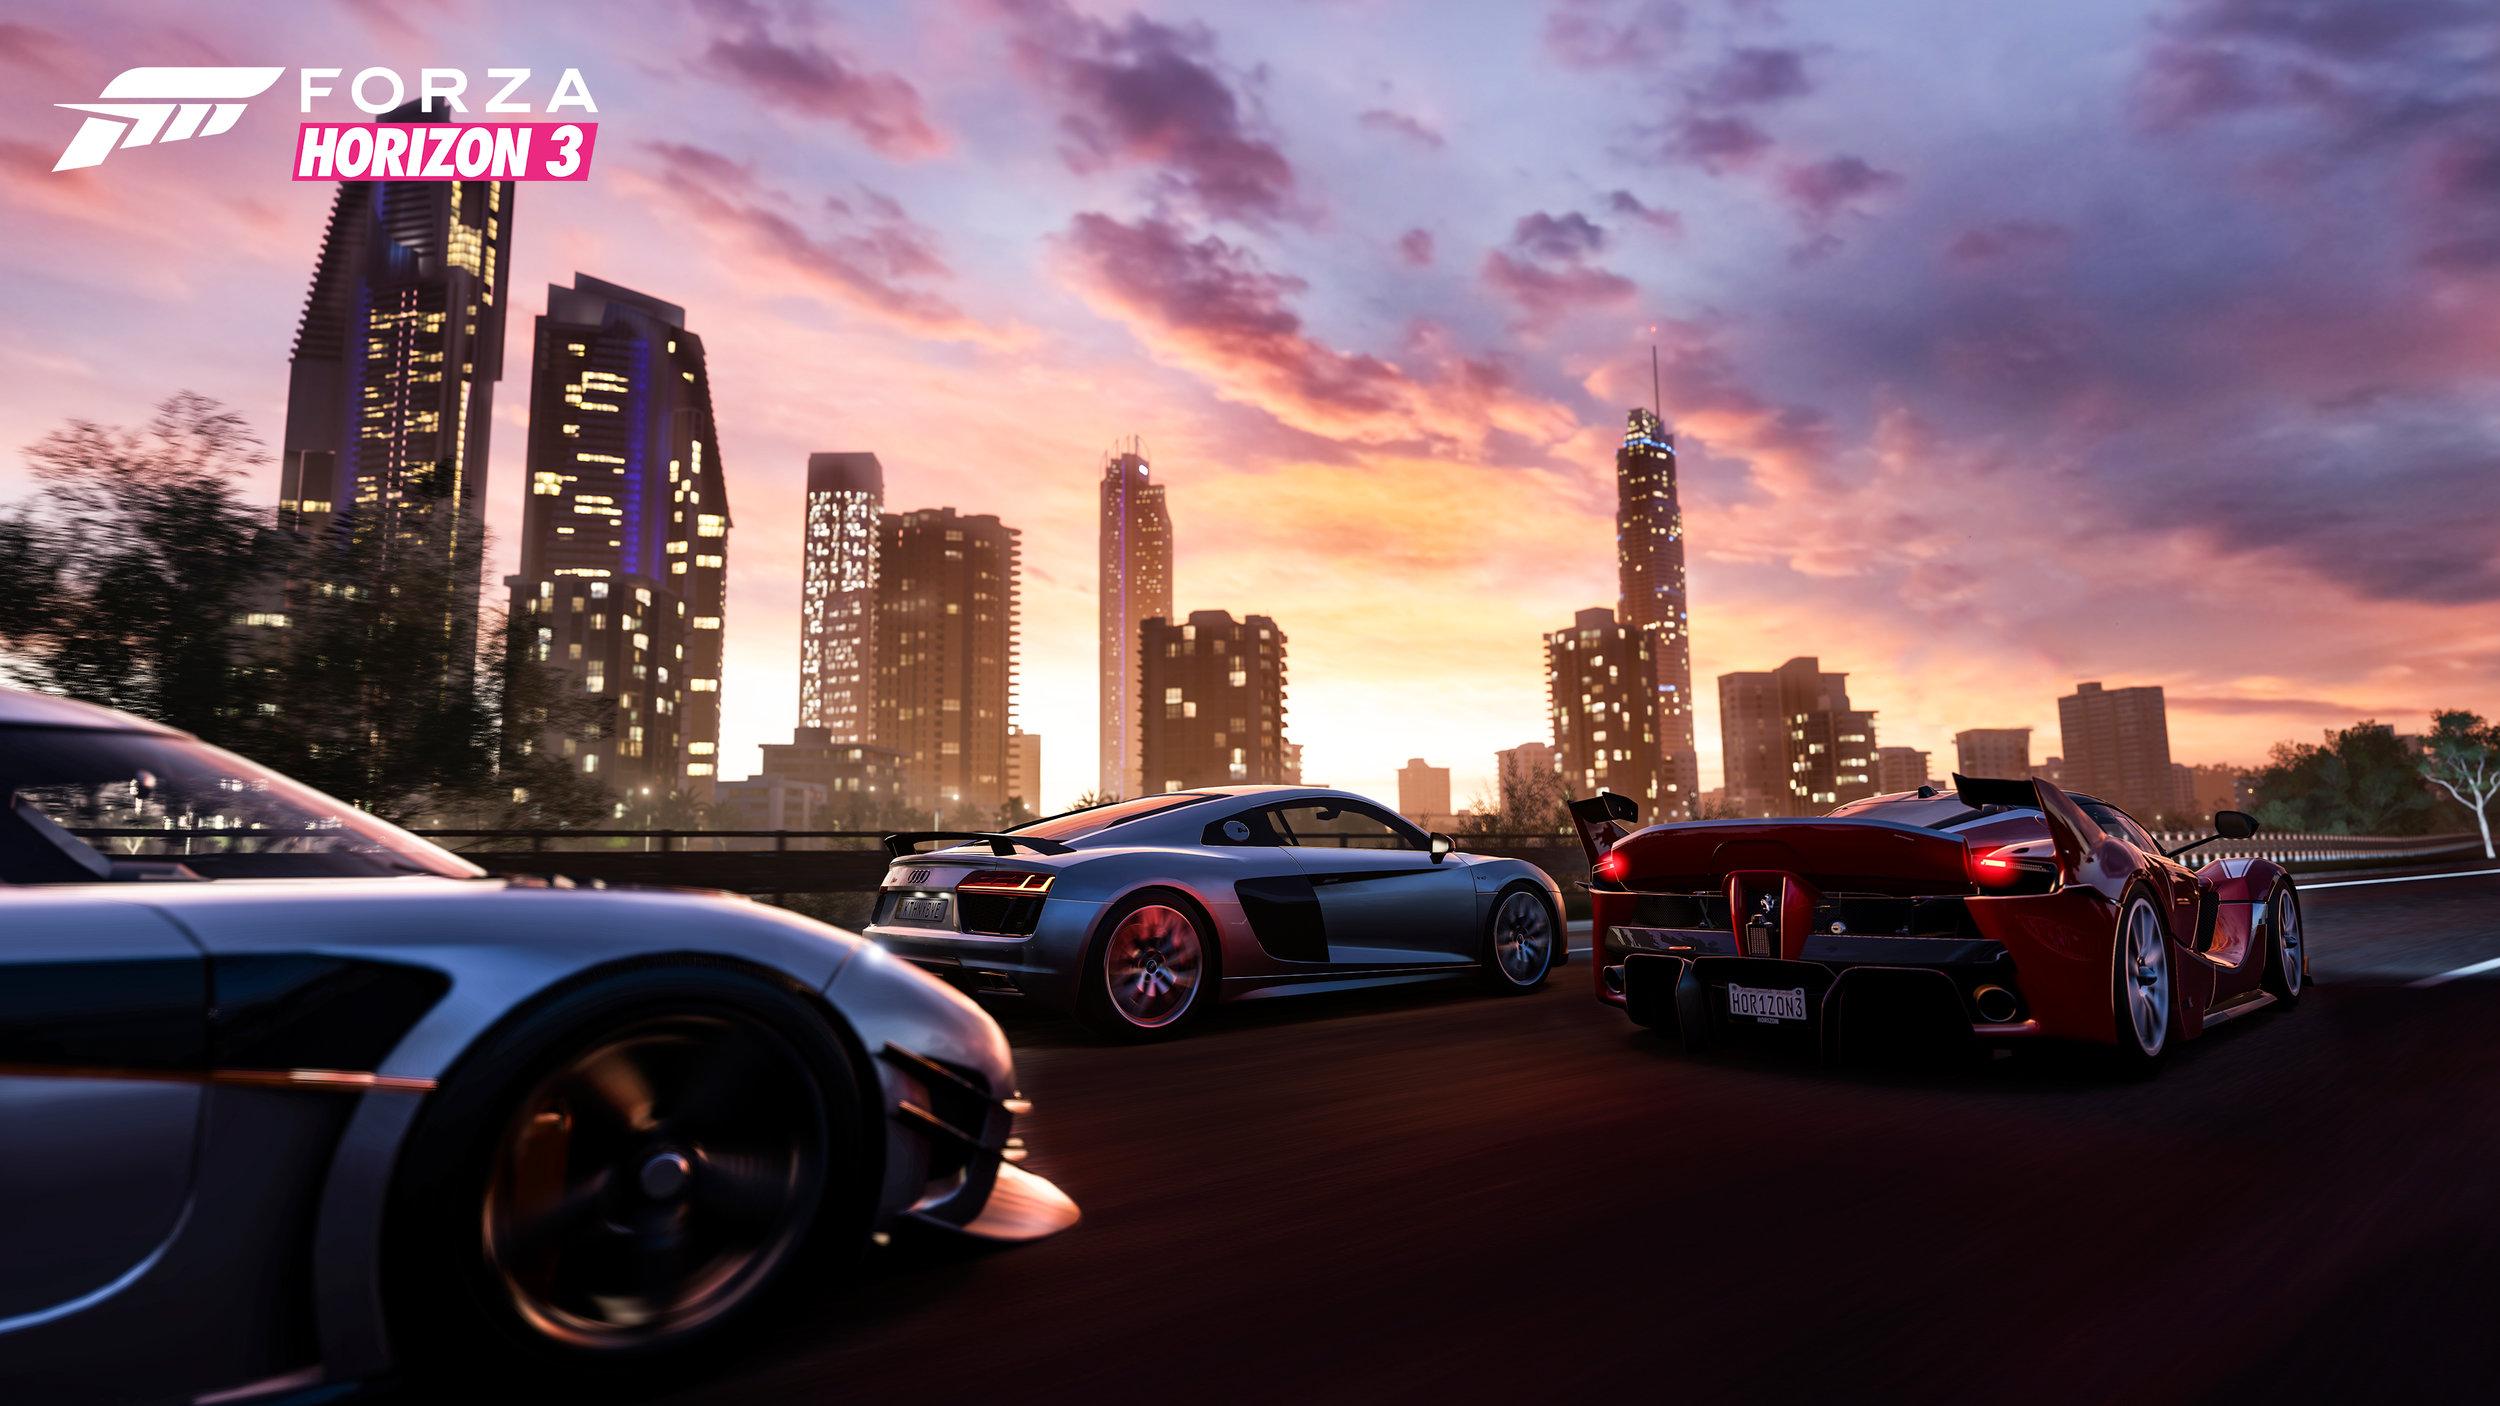 ForzaHorizon3-1.jpg